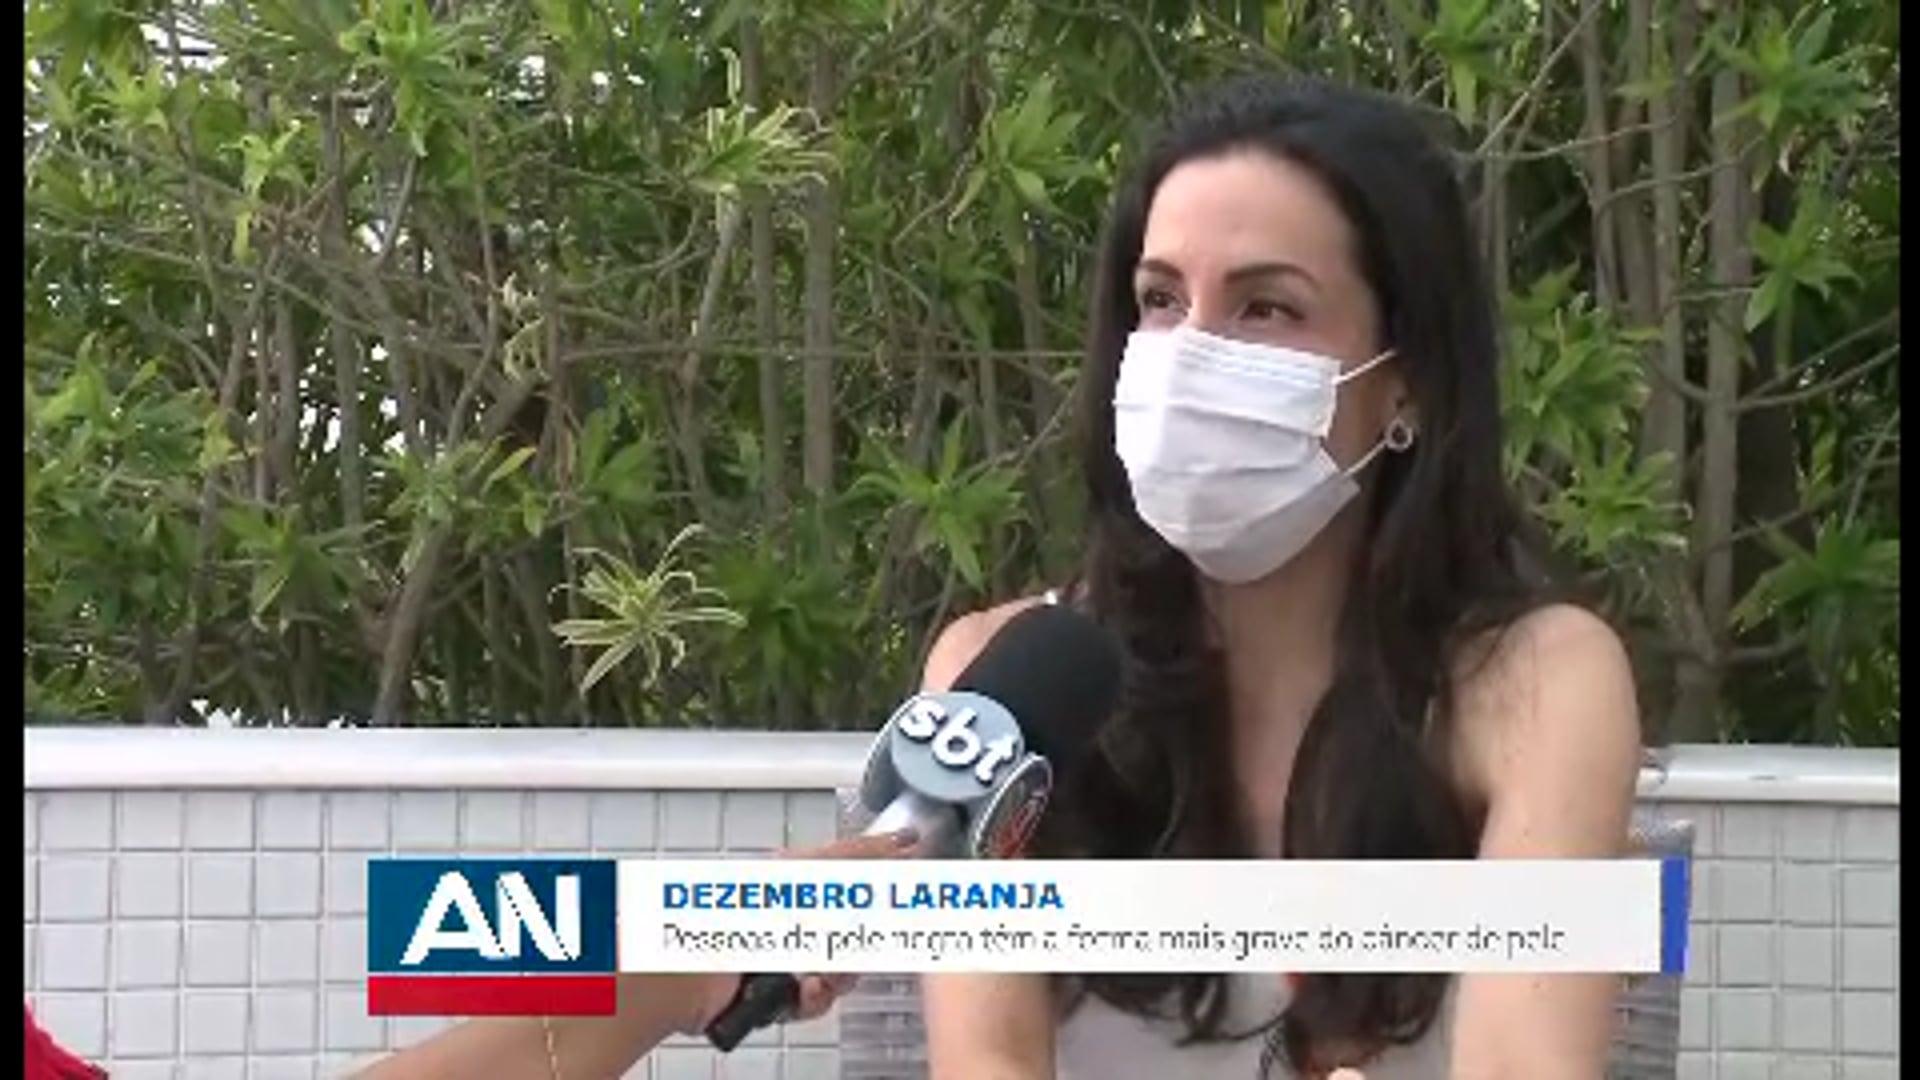 Reportagem no Aratu Notícias da TV Aratu, foi ao ar dia 10/12/2020